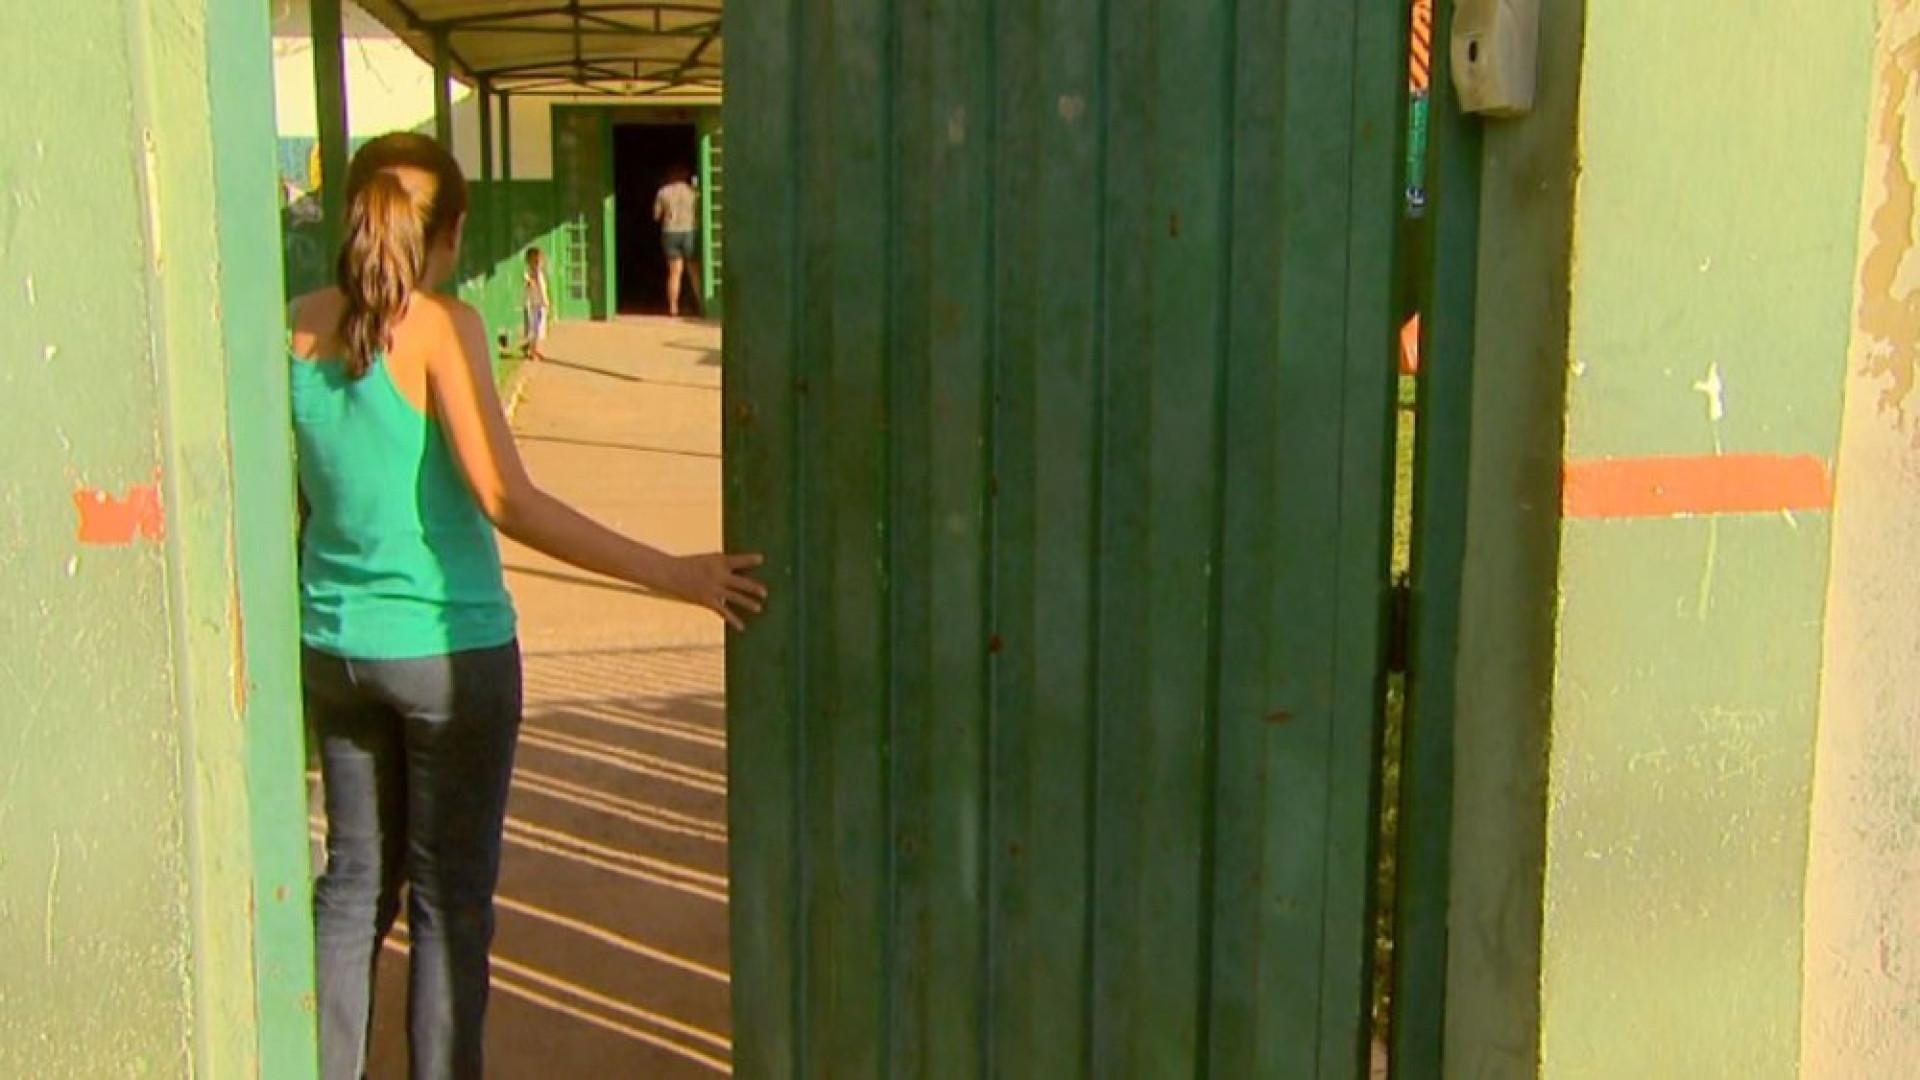 Creche foi negligente ao deixar criança ir sozinha para casa, diz mãe